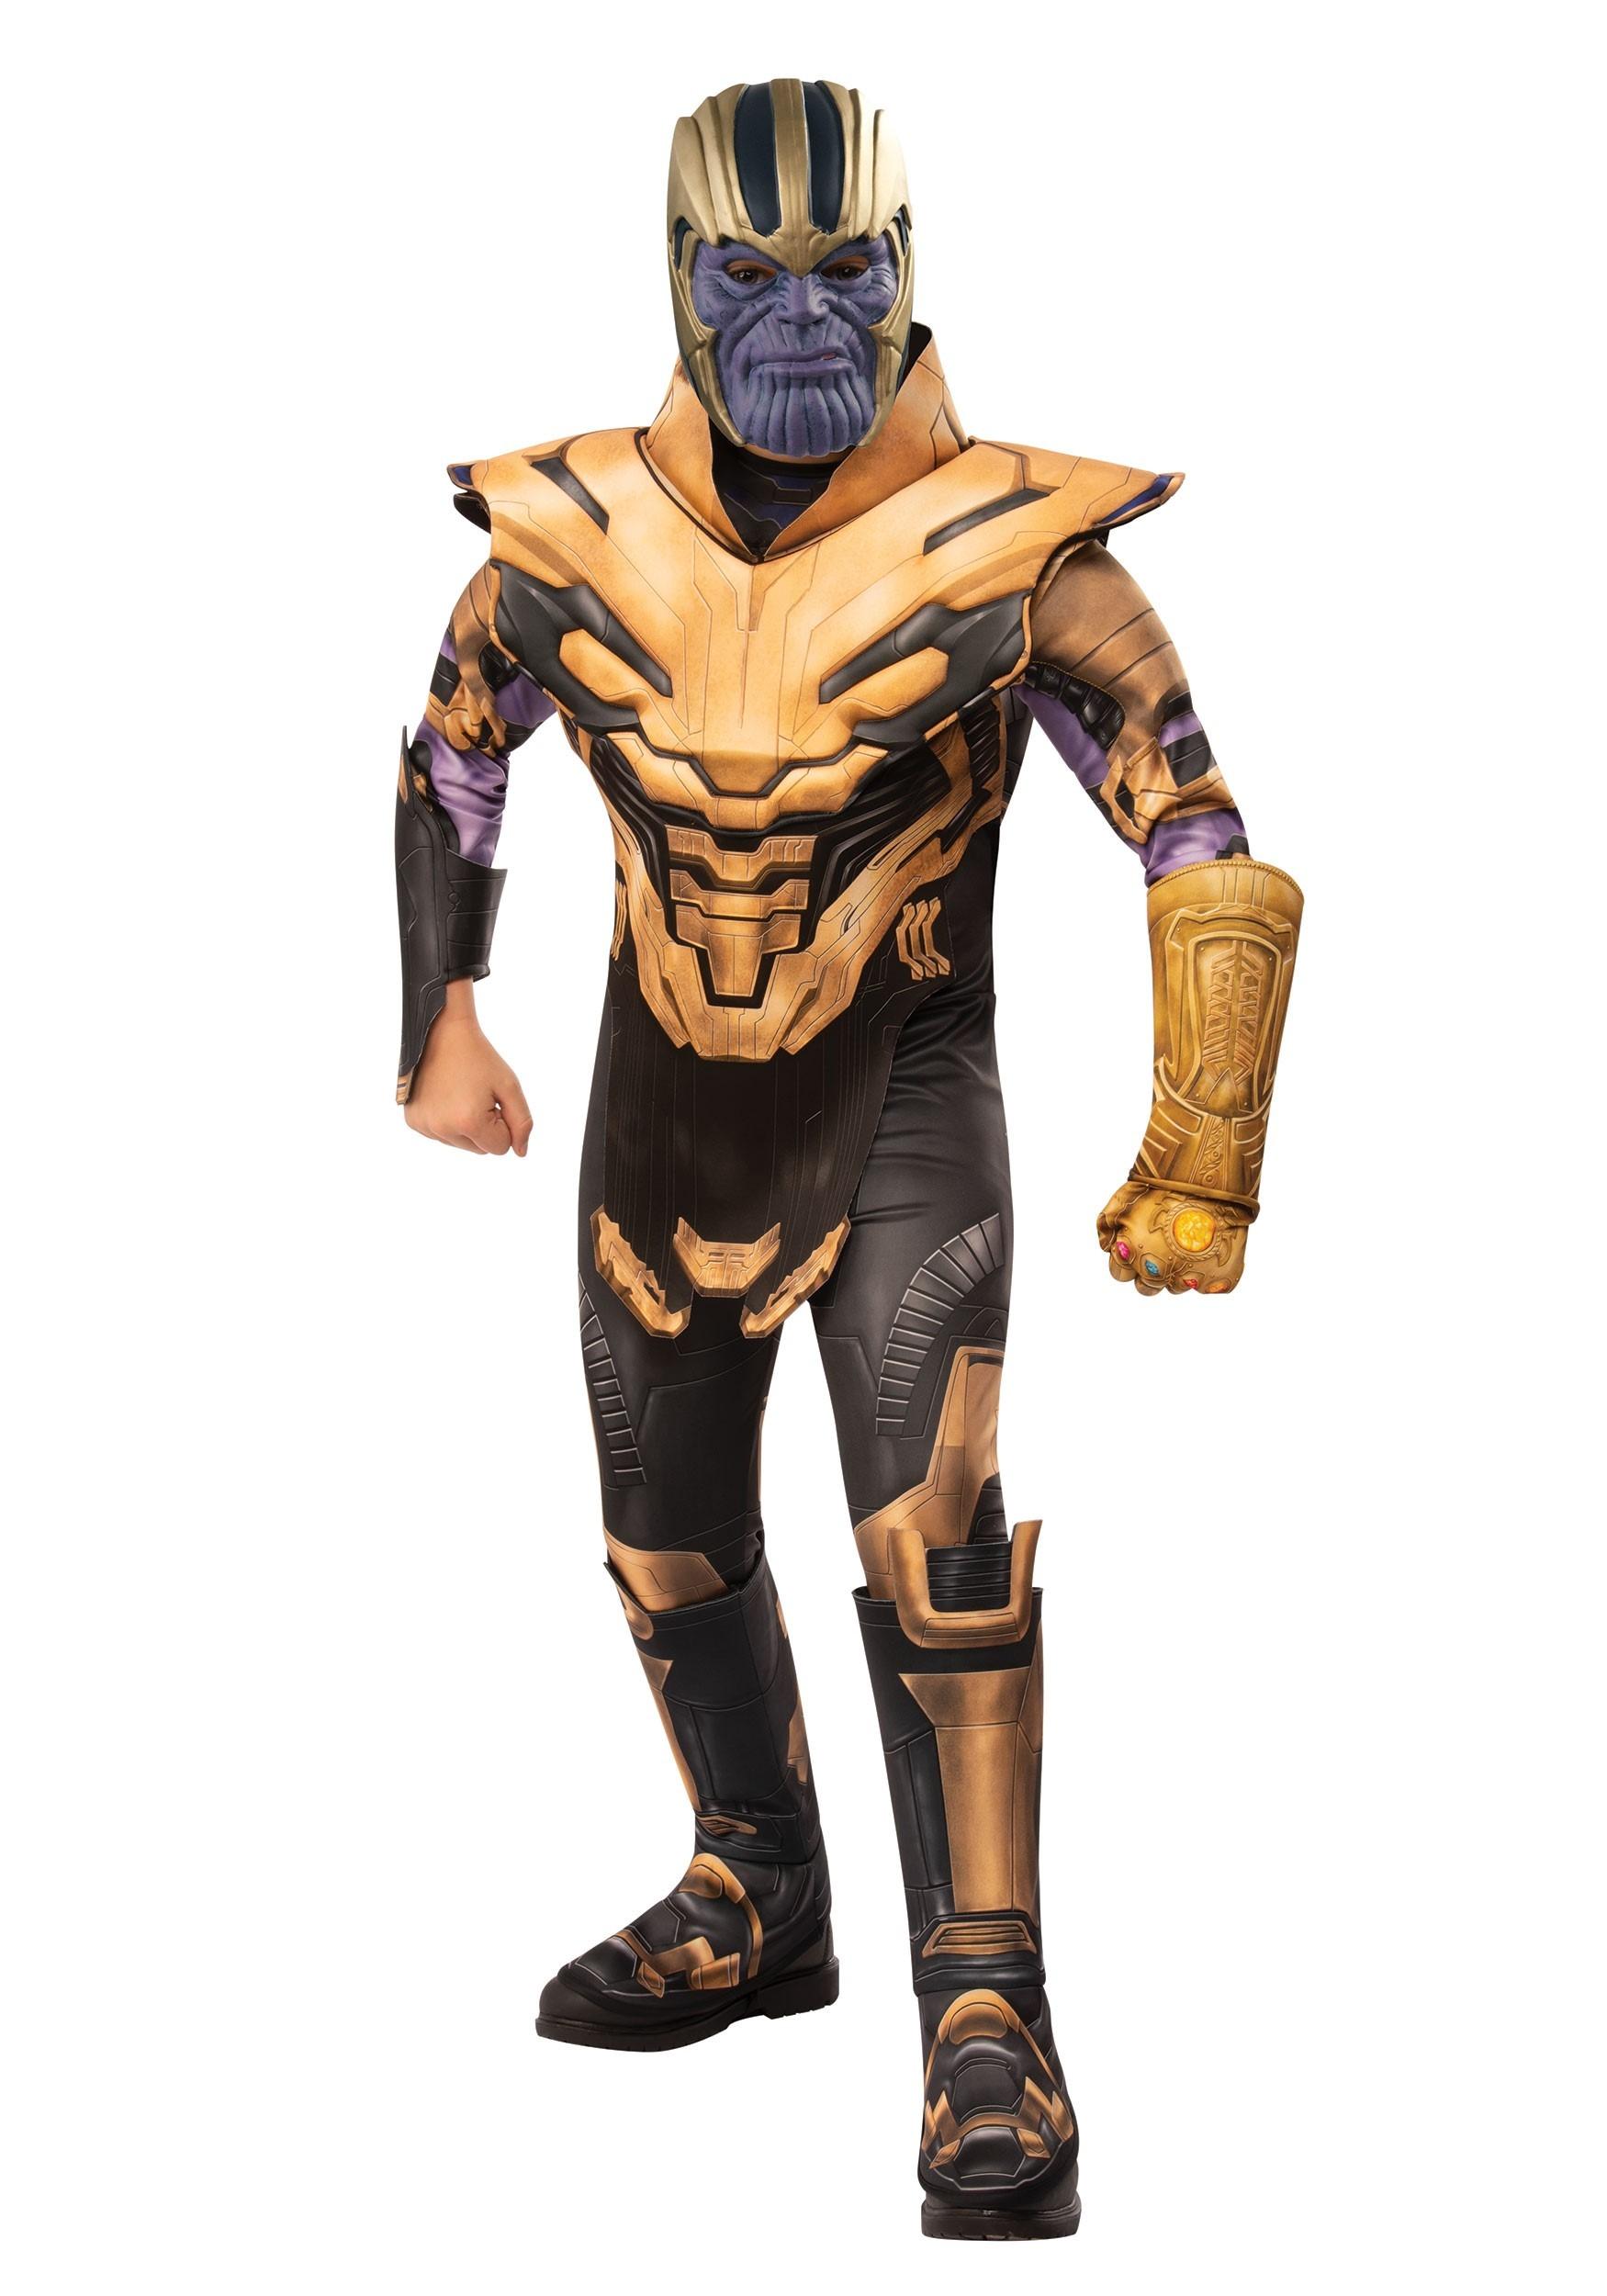 Deluxe Avengers Endgame Thanos Costume for Boys